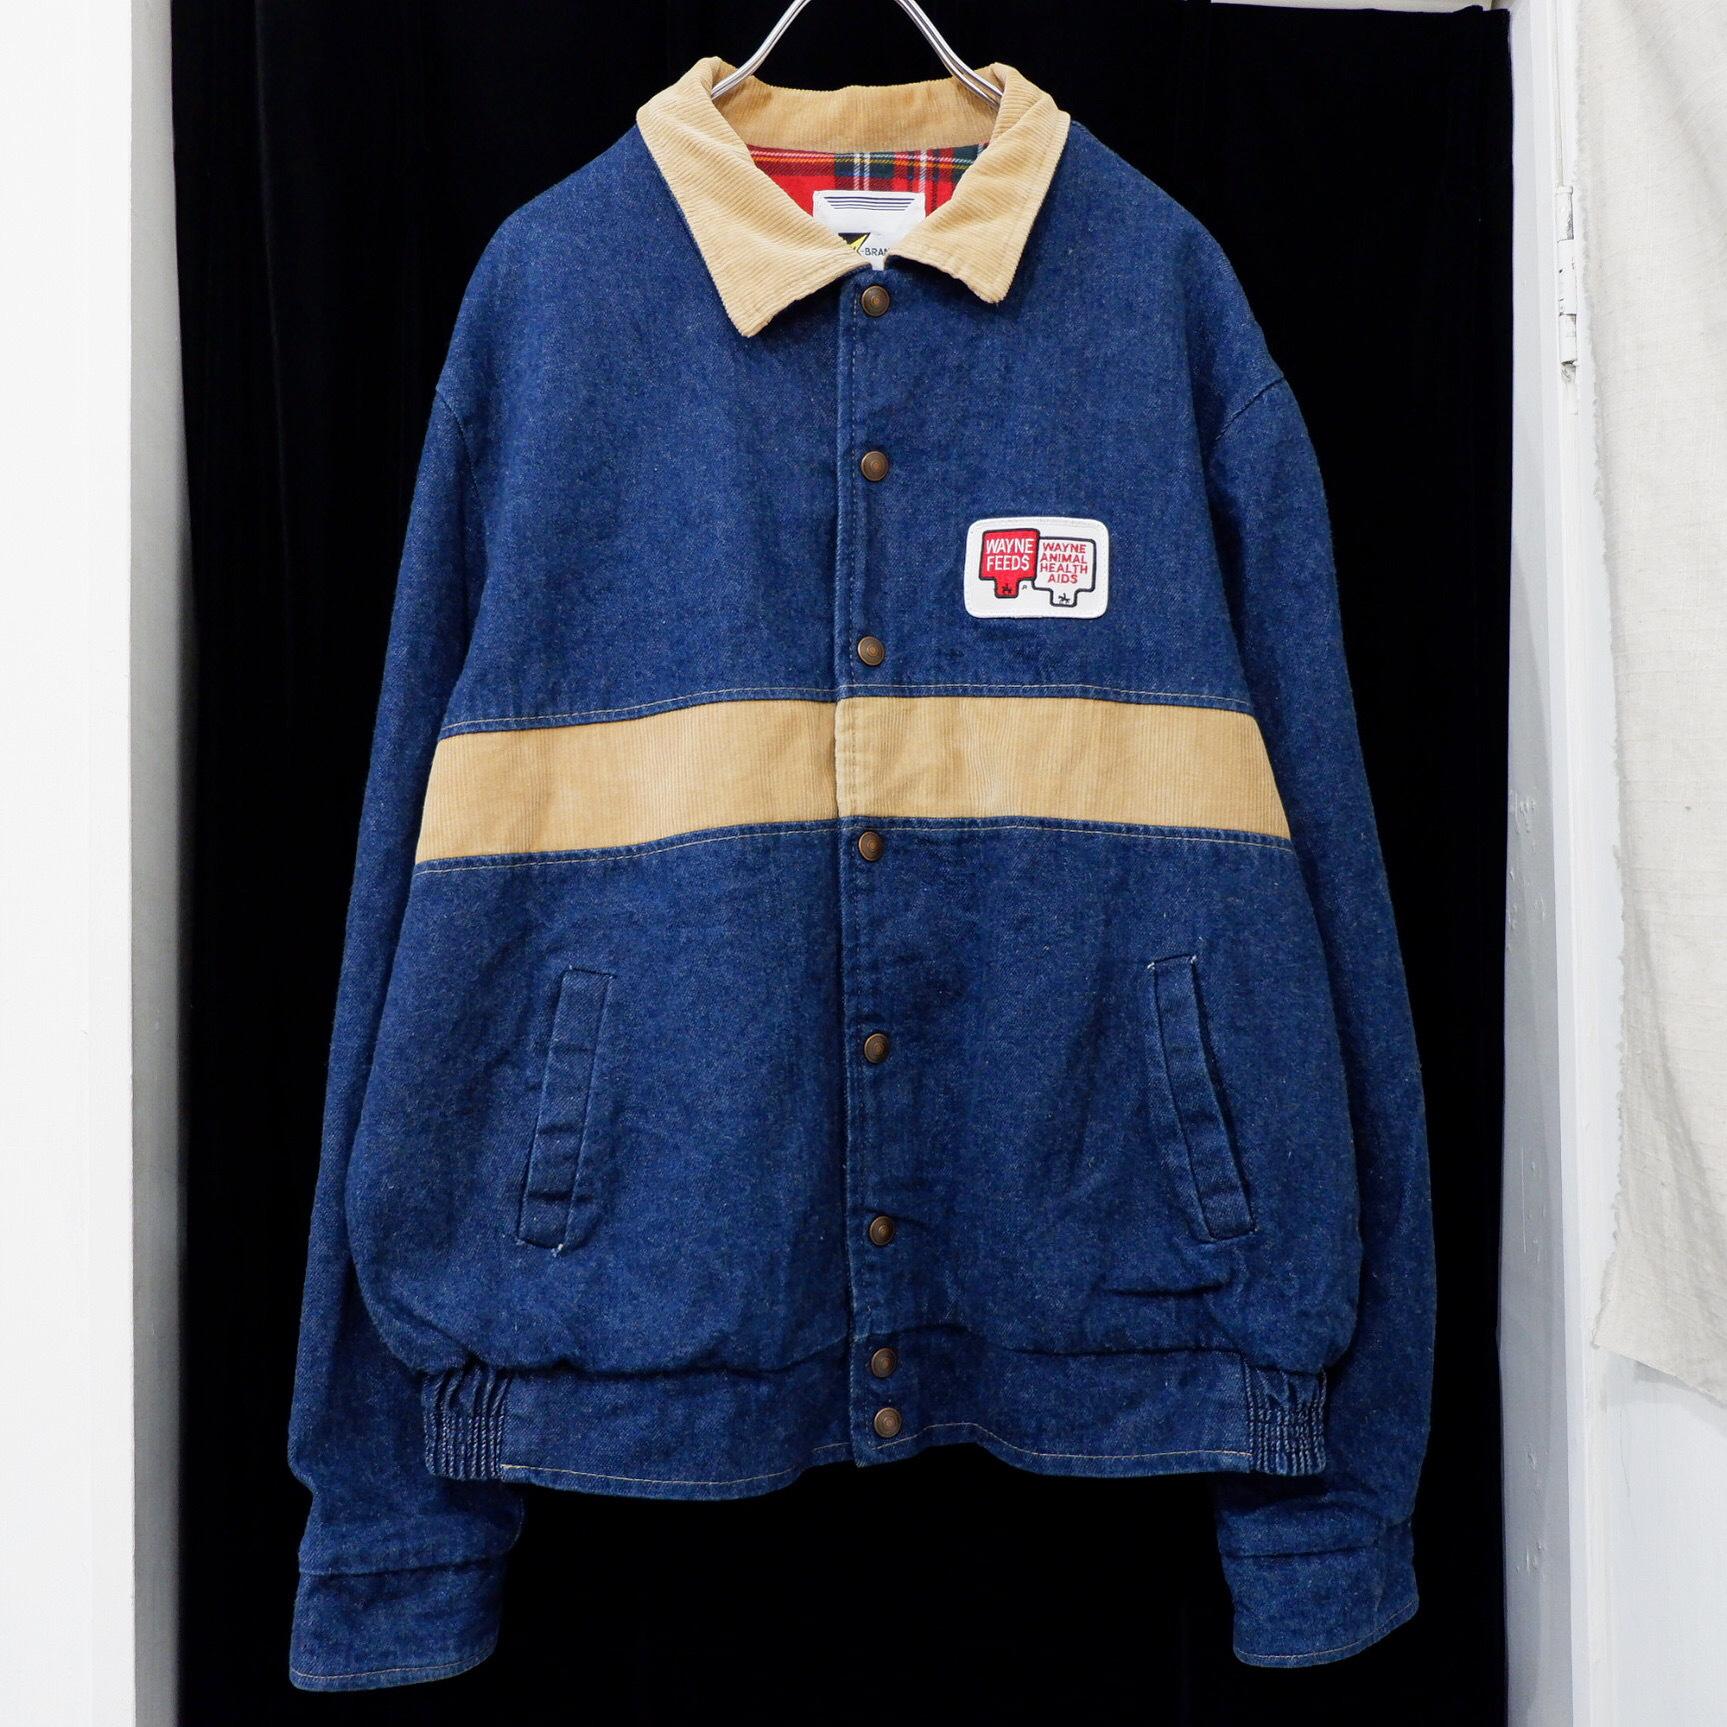 アメリカ古着 1980s USA製 企業ロゴ デニム × コーデュロイ ジャケット